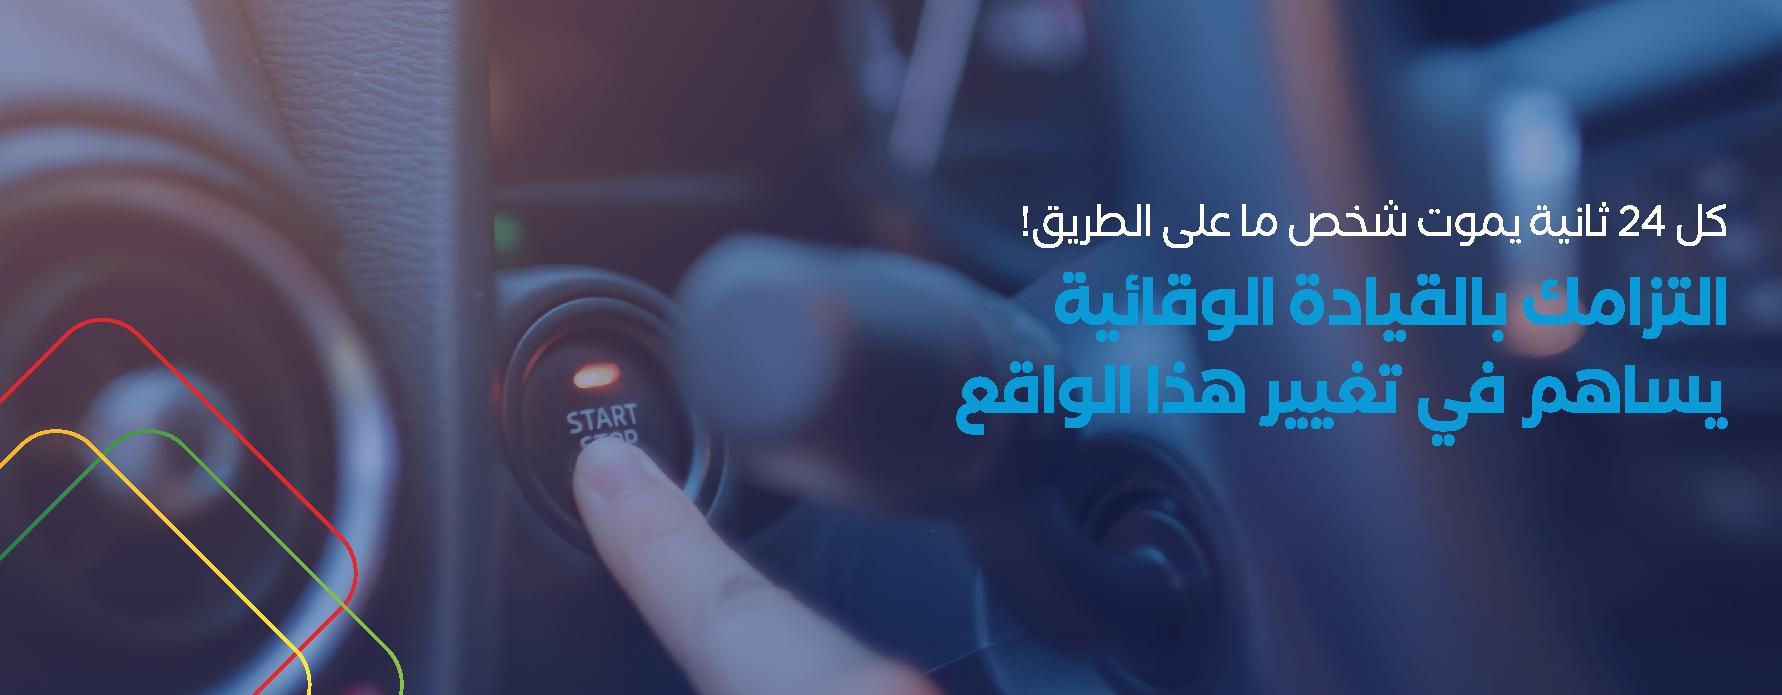 جمعية السلامة